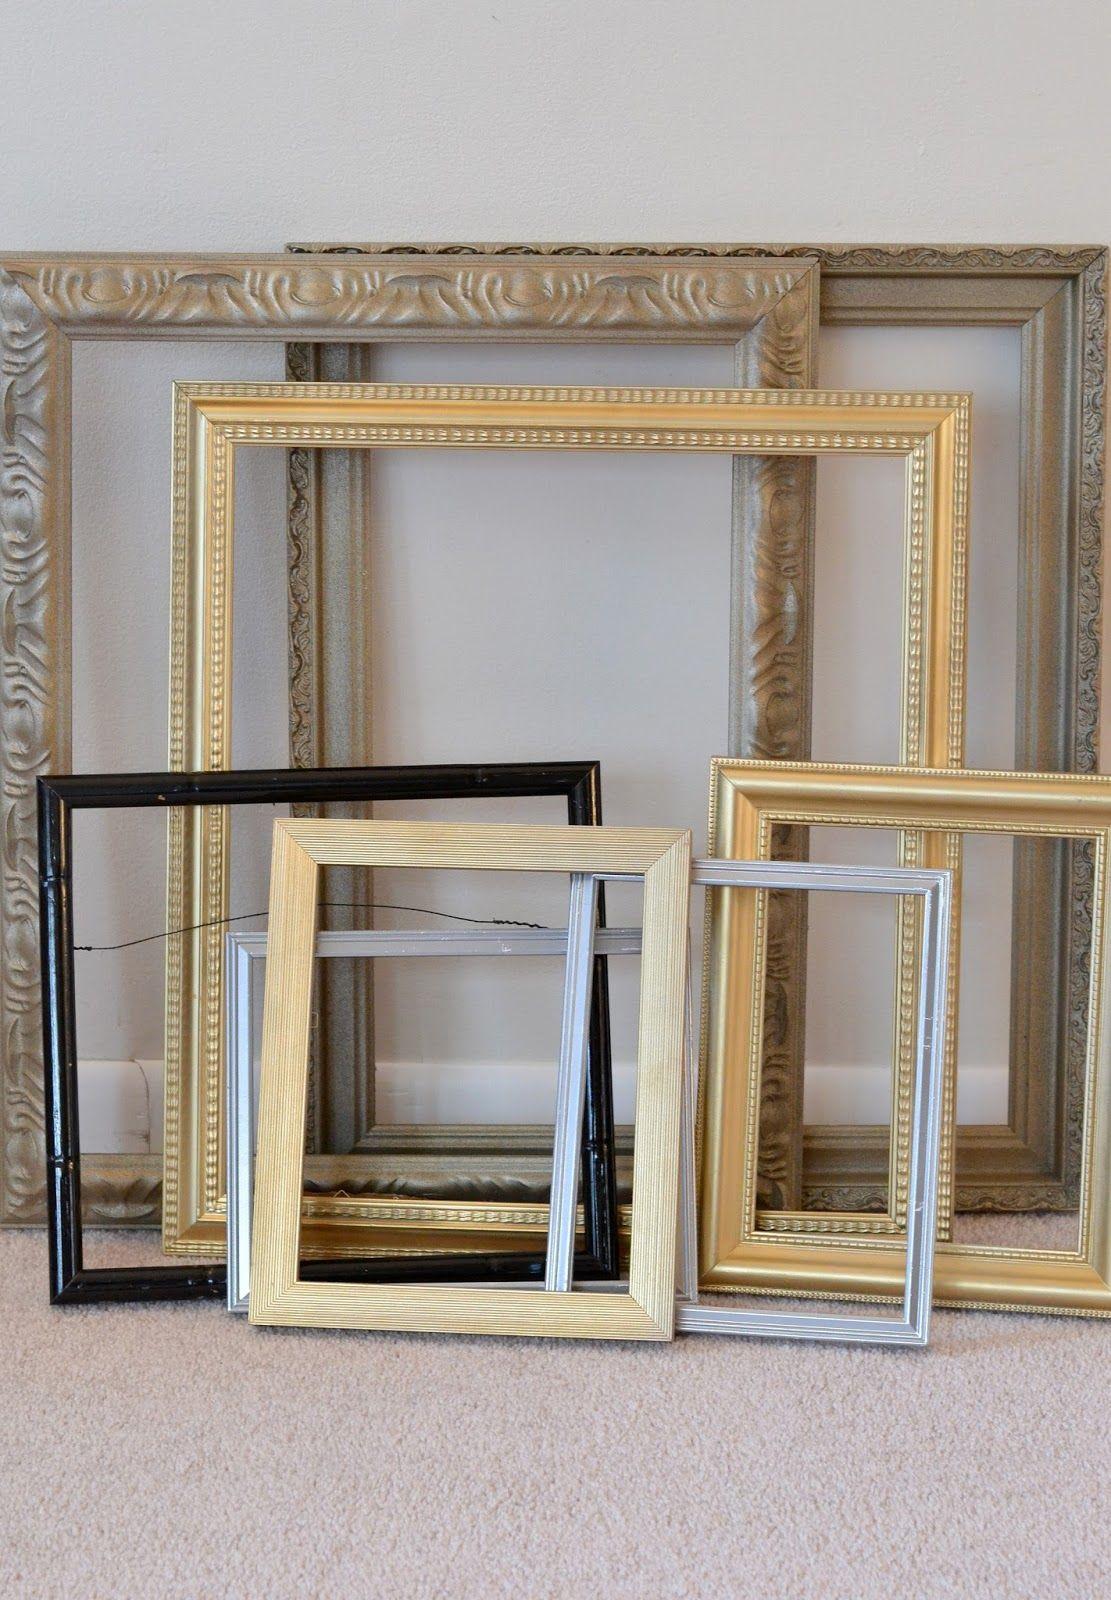 marcos para pinturas espejos dorados plateados negros con borde planos